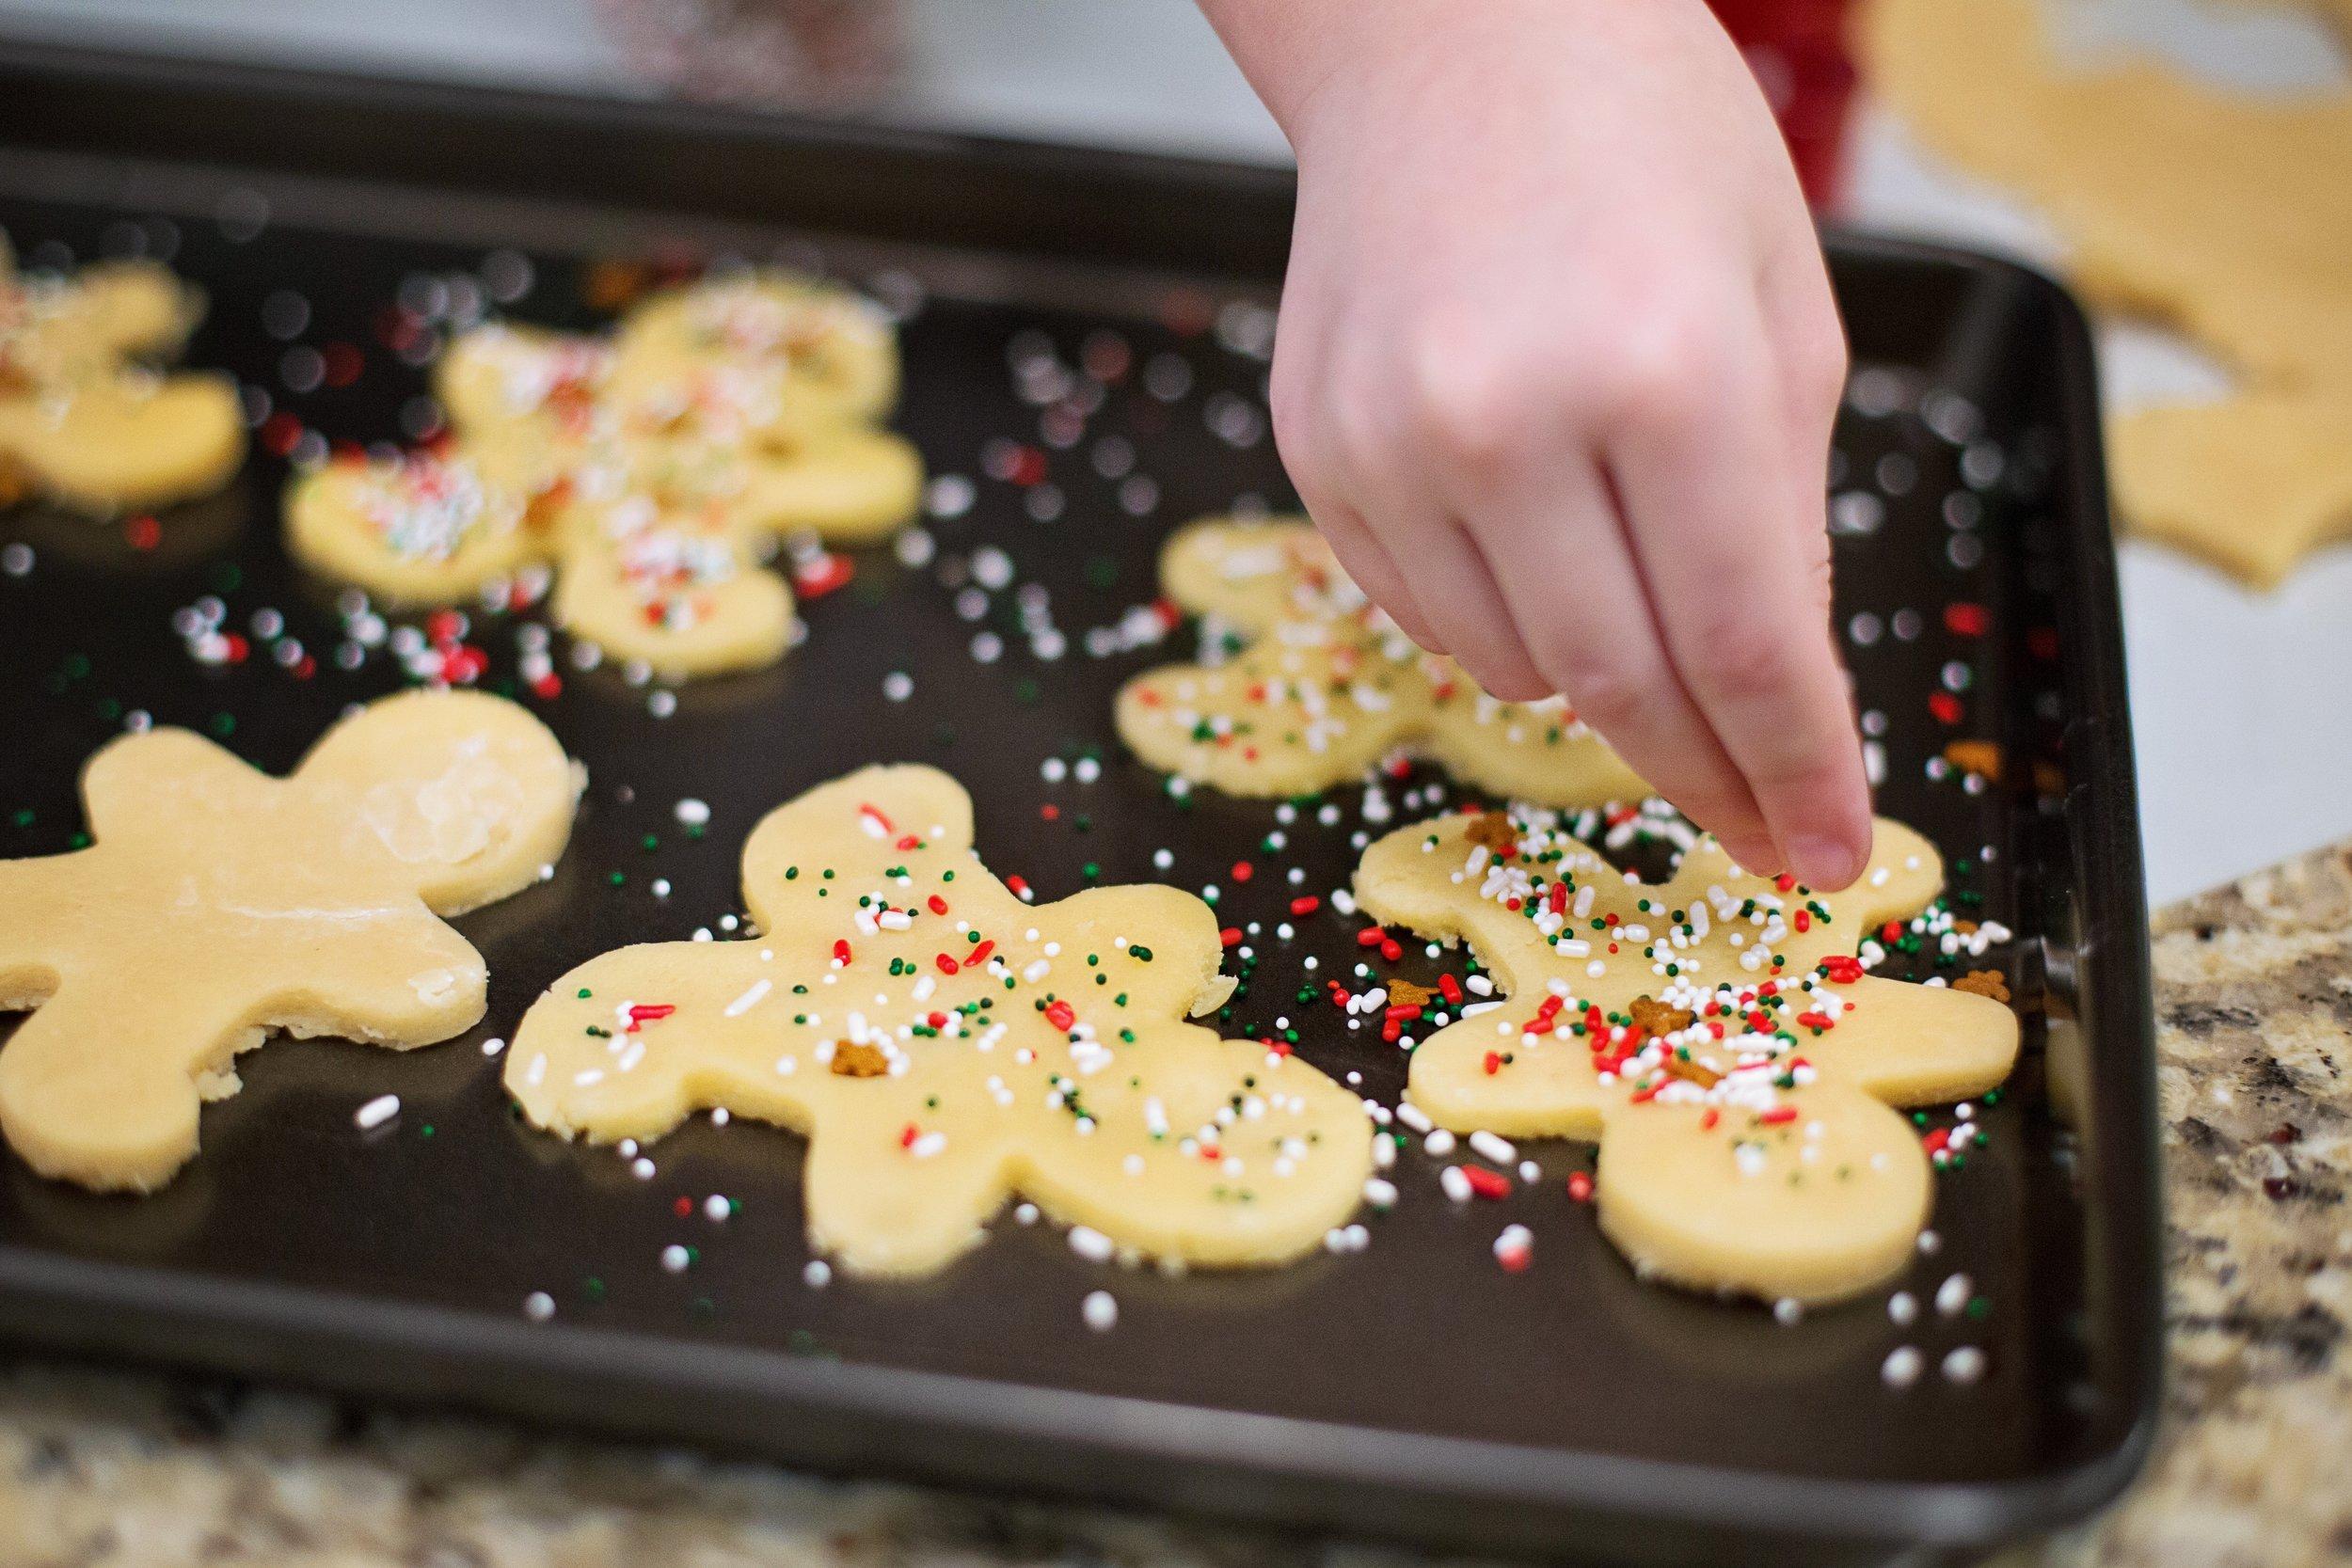 baking-christmas-cookies-12190.jpg